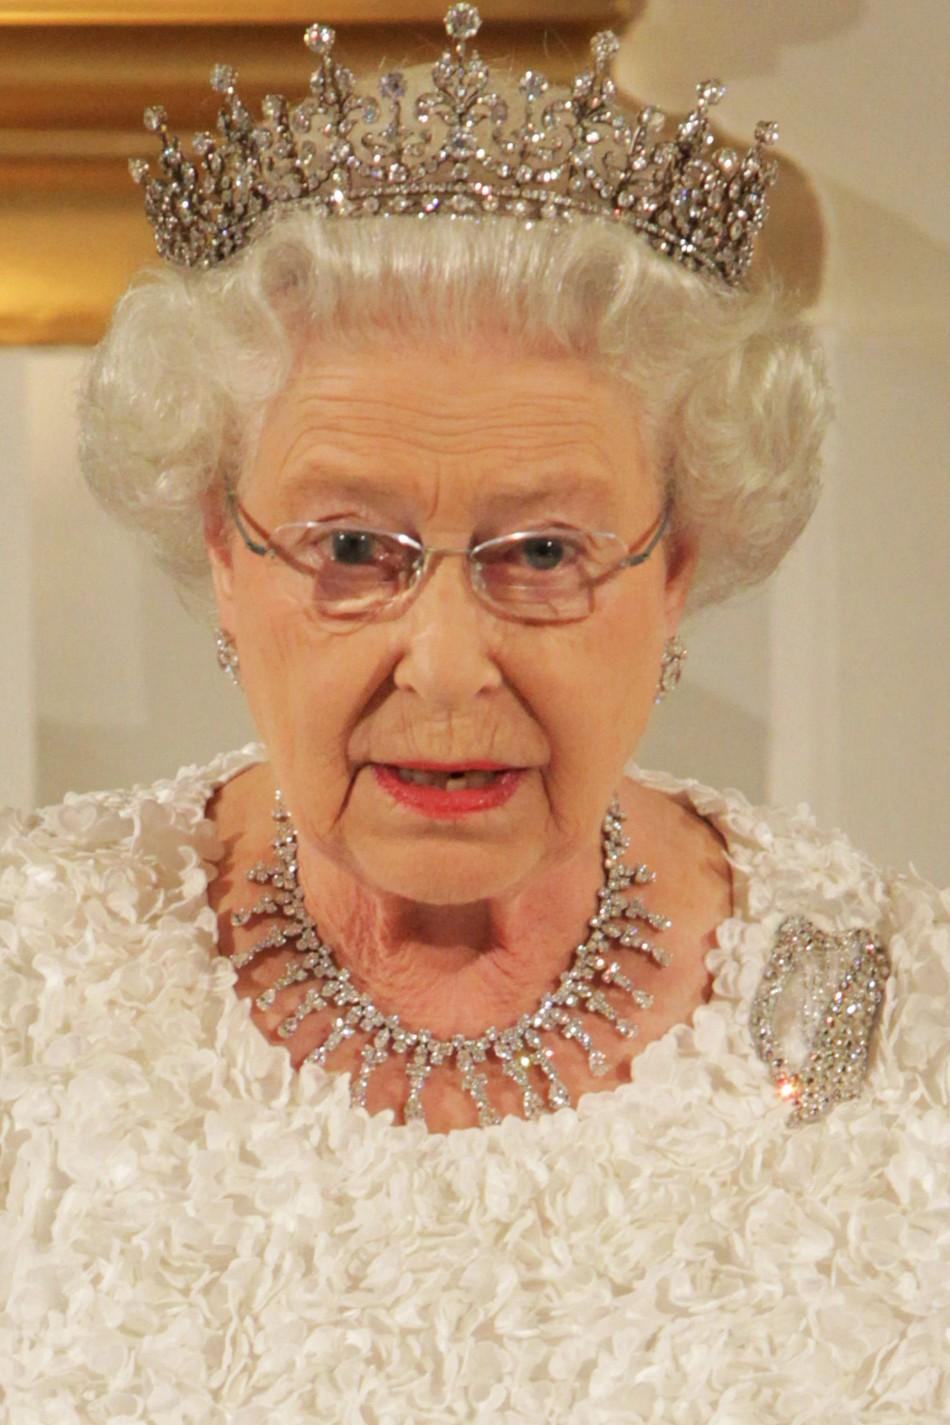 10. Queen Elizabeth II